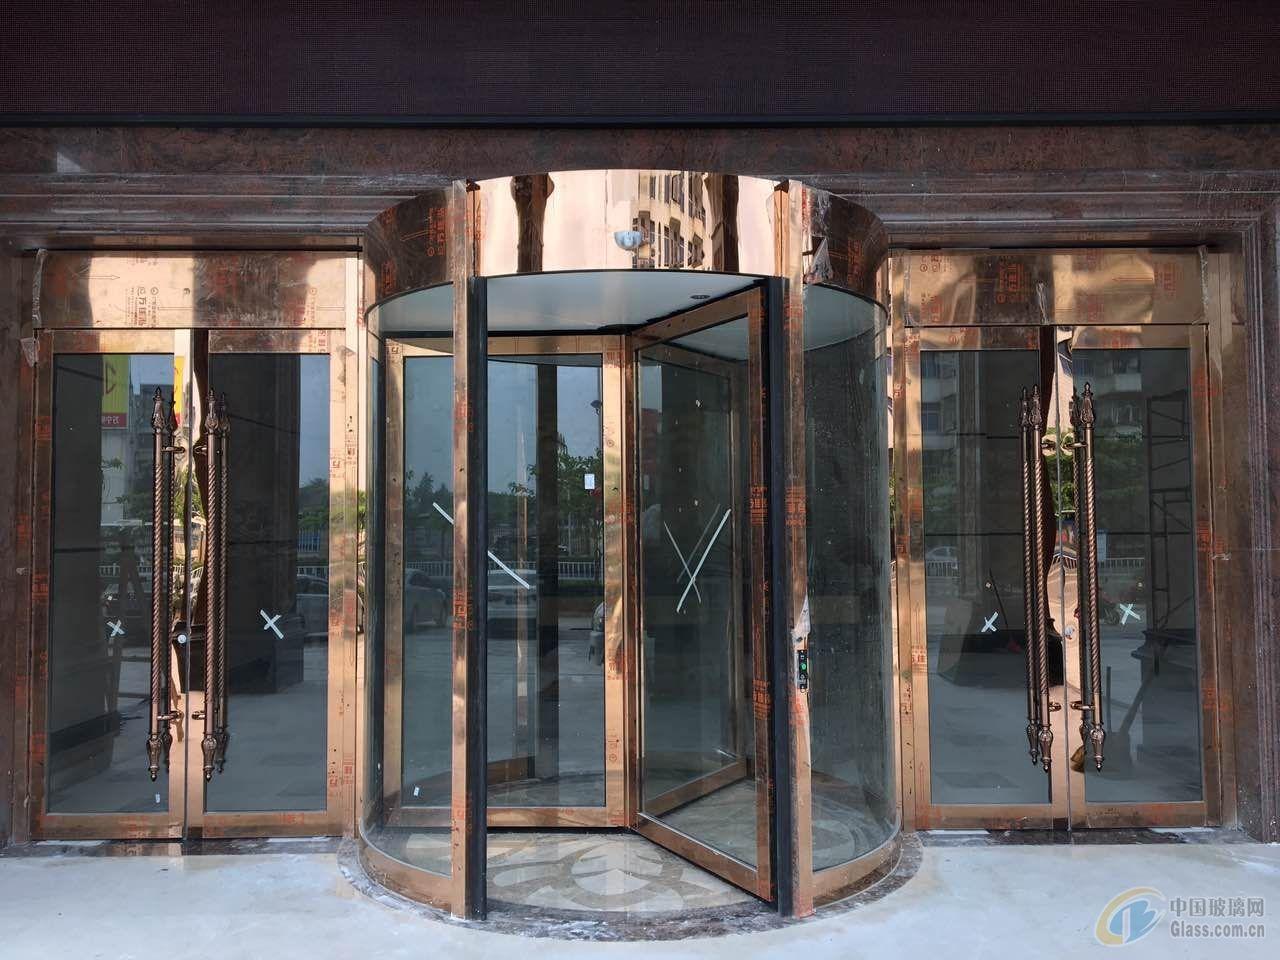 佛山酒店不銹鋼異型生產廠家,不銹鋼造型門定制加工